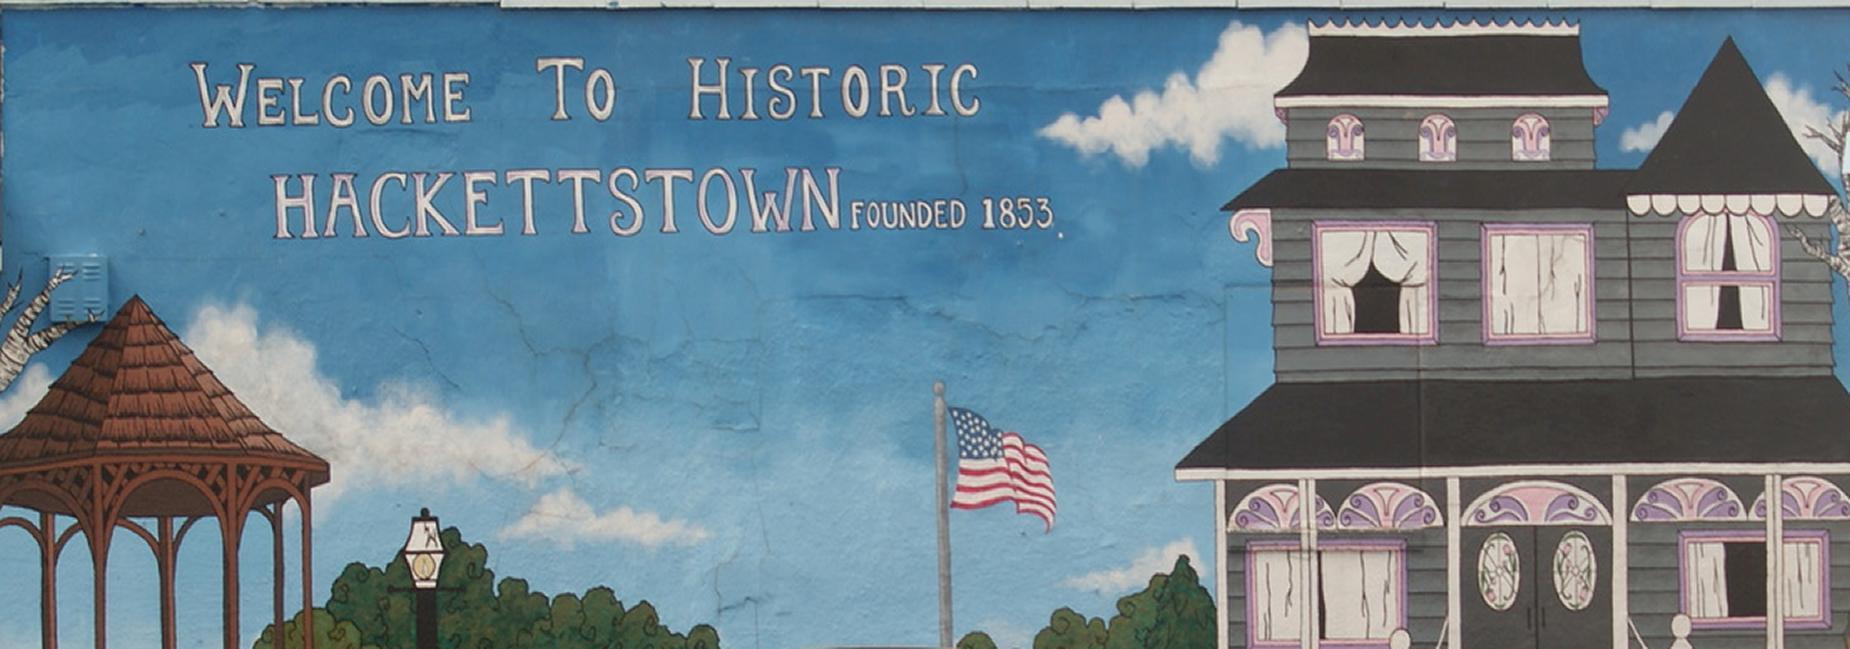 Historic Hackettstown